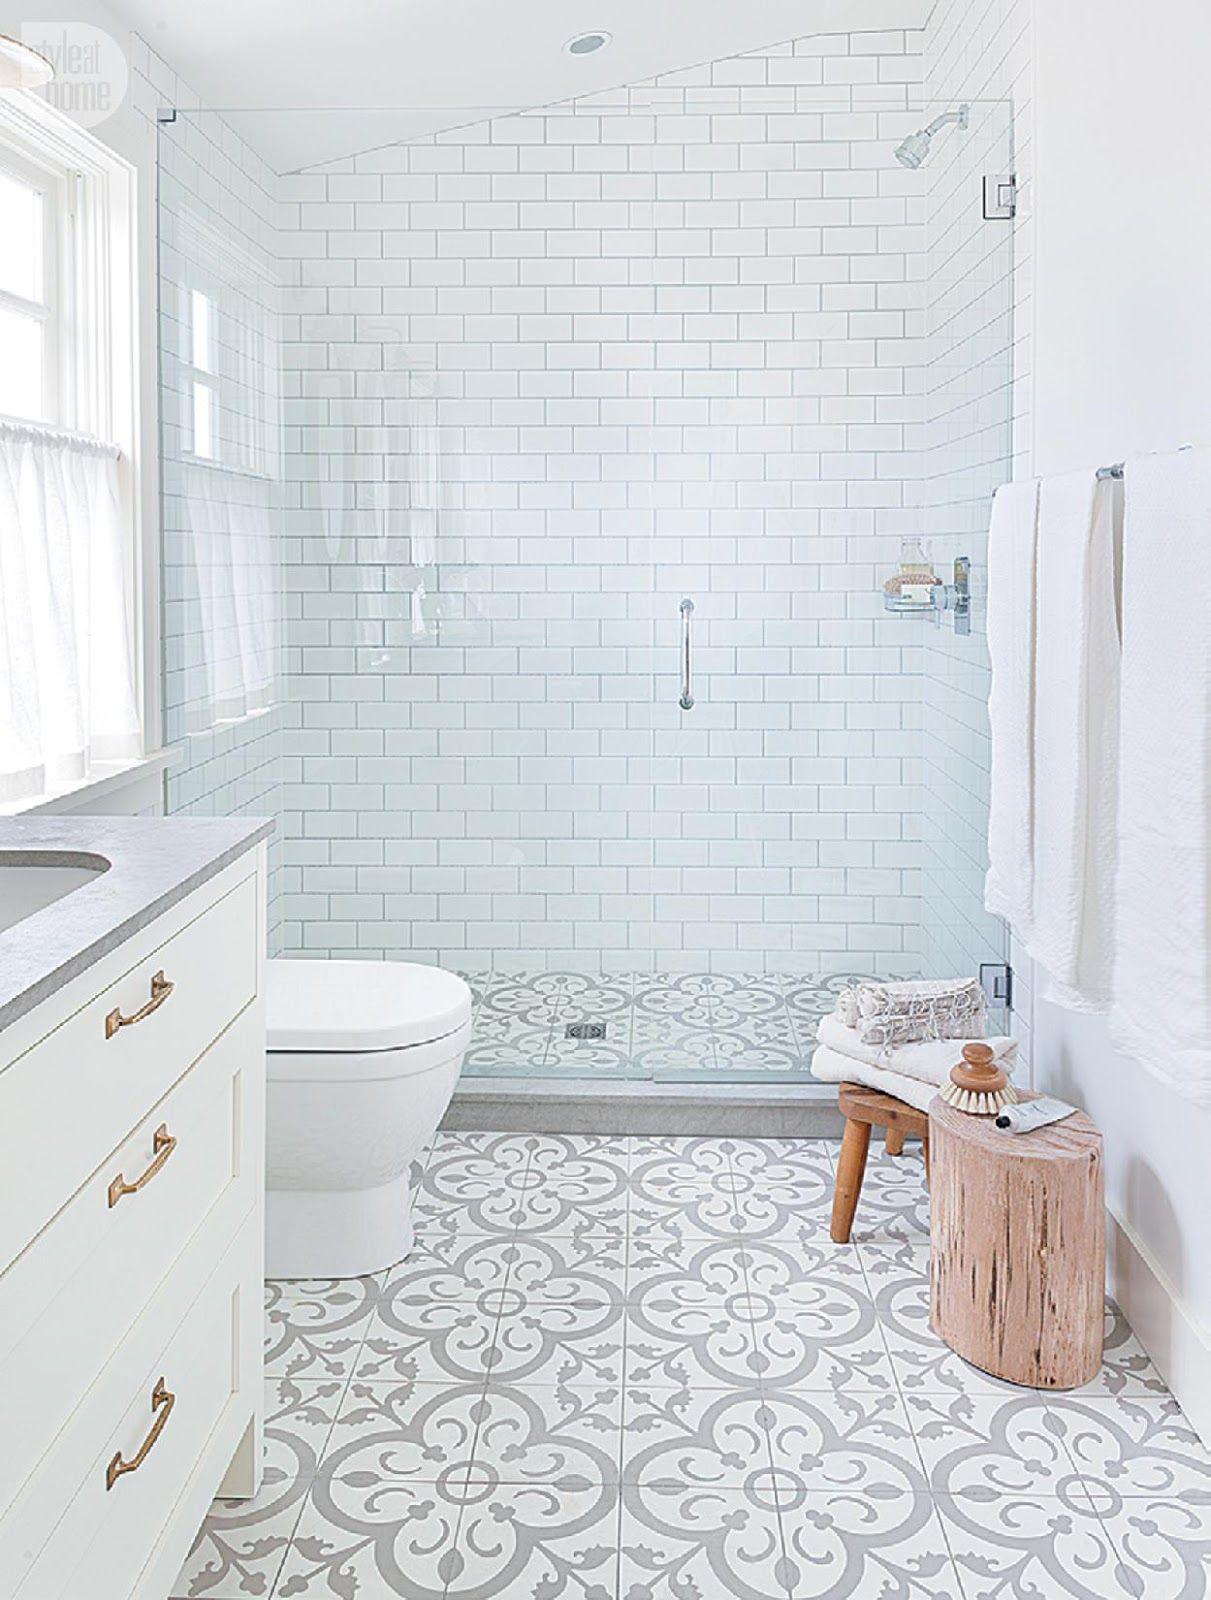 De mooiste tegeltjes voor in de badkamer | Opknappen | Pinterest ...